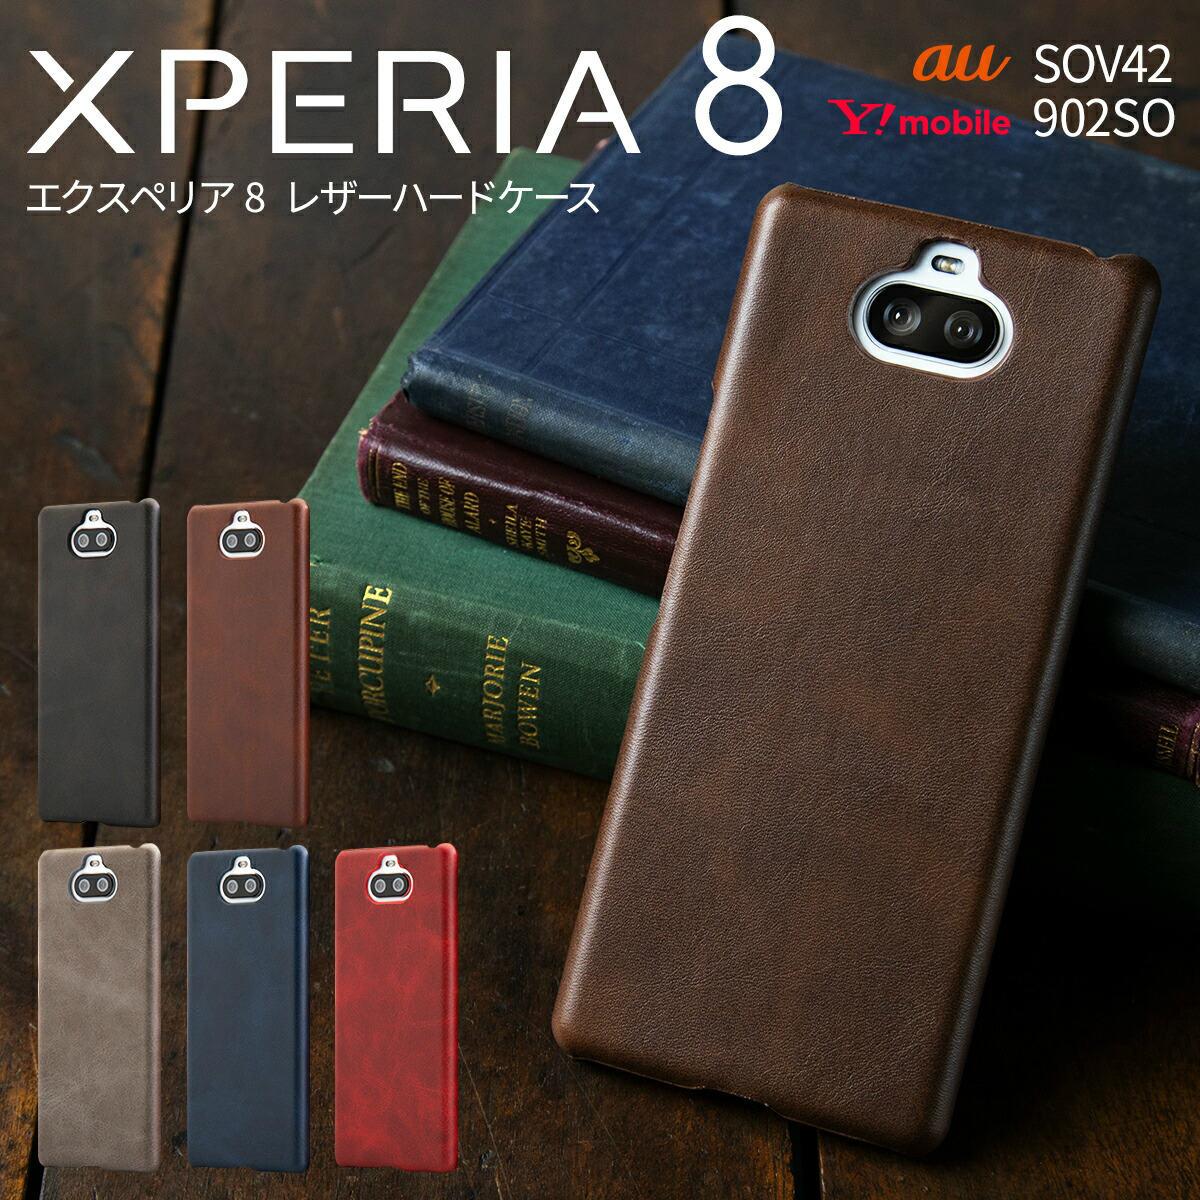 メール便送料無料 Xperia 8 SOV42 902SO レザーハードケース lite スマホケース 韓国 特価品コーナー☆ J3273 人気 スマホ おしゃれ おすすめ カバー ケース スマートフォン かっこいい エクスペリア8 革 気質アップ